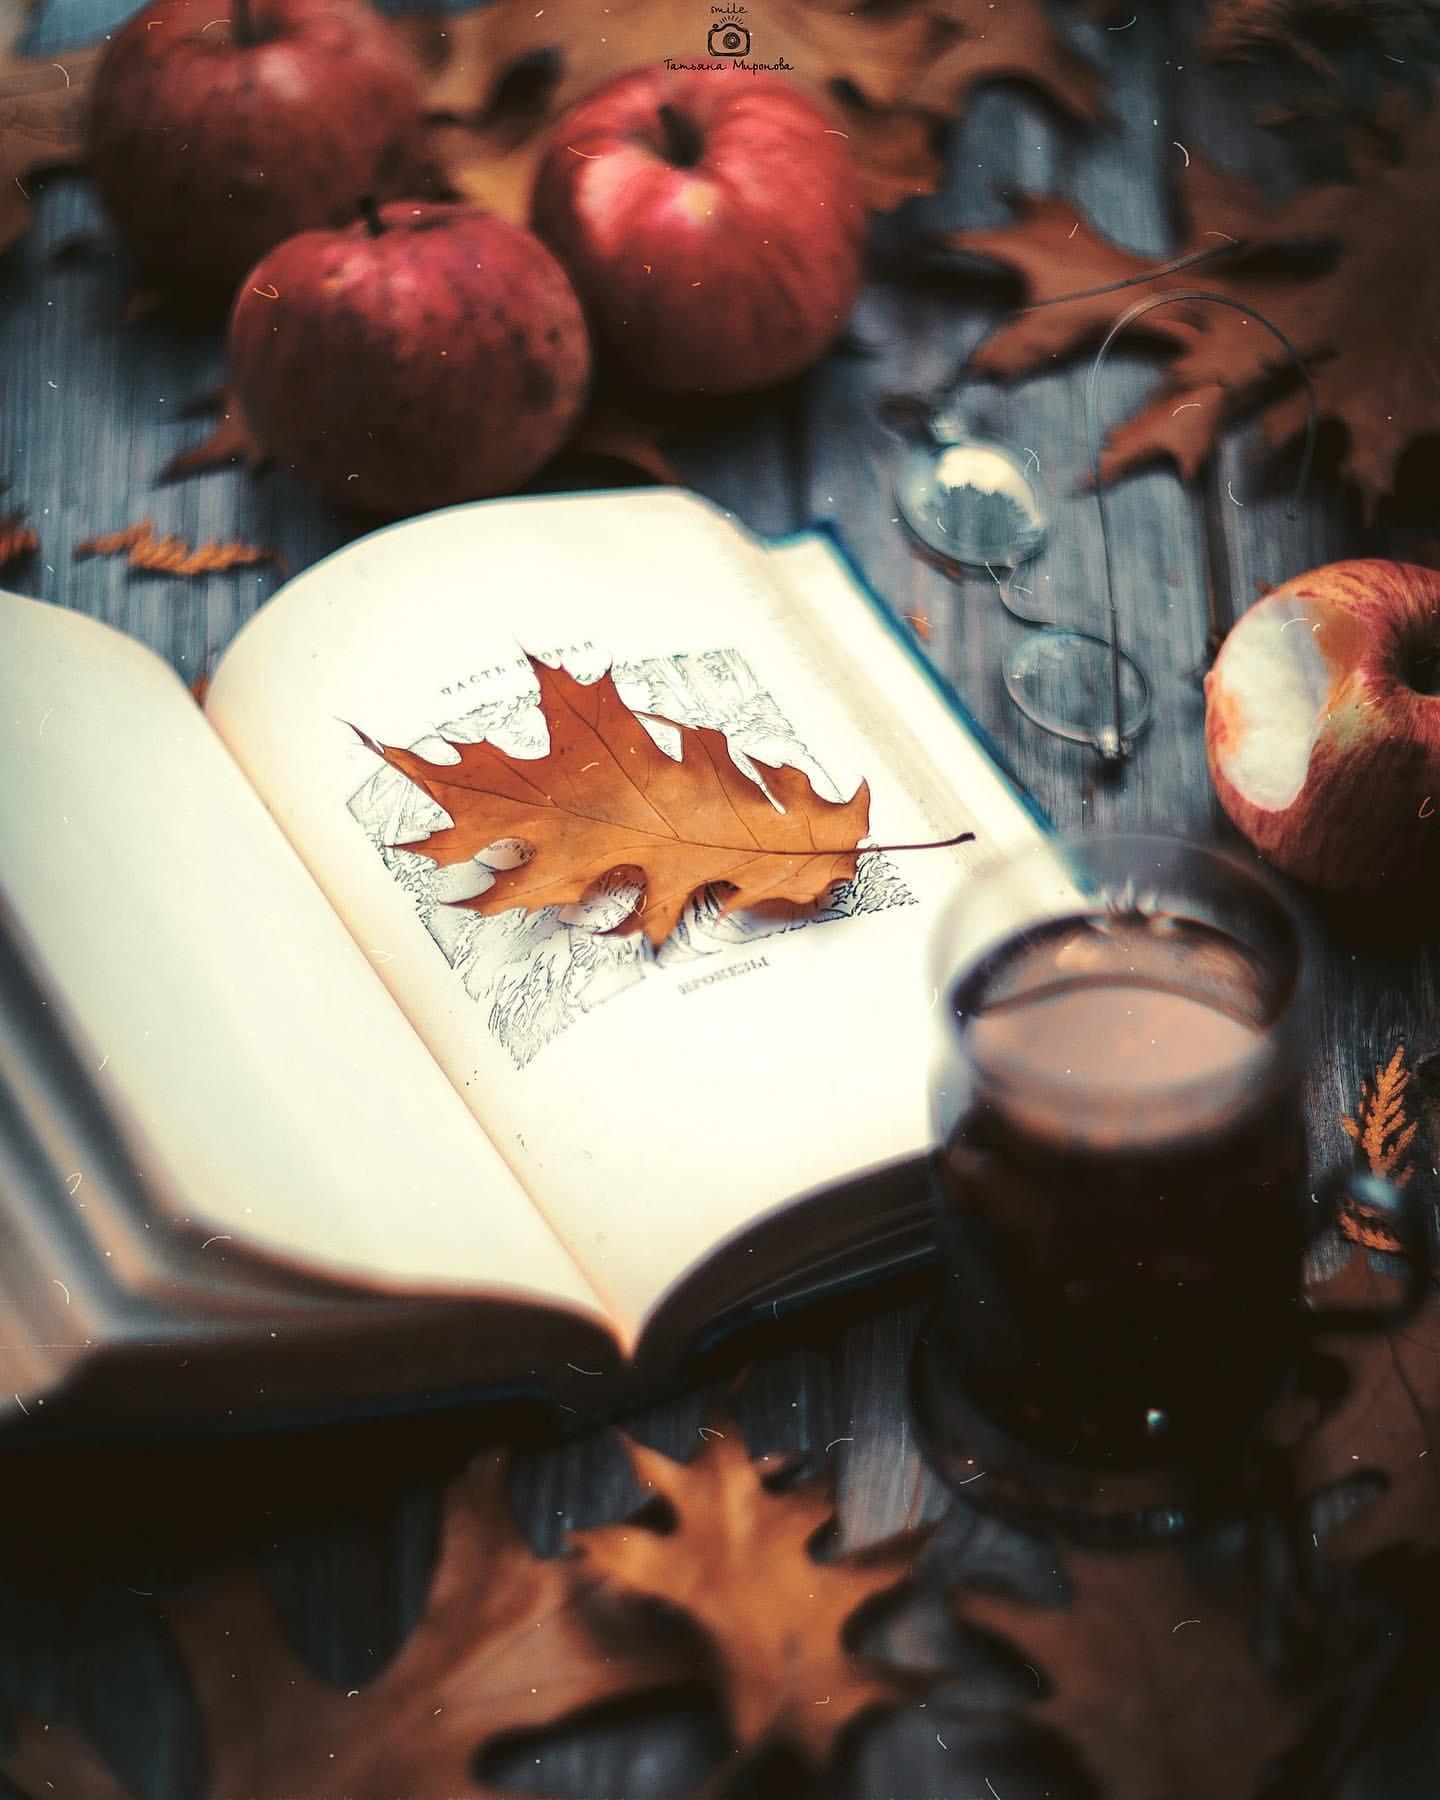 Фото Дубовый осенний листик на открытой книге, яблоки, очки и стакан чая на столе, фотограф Татьяна Миронова - mironovatanyahoos